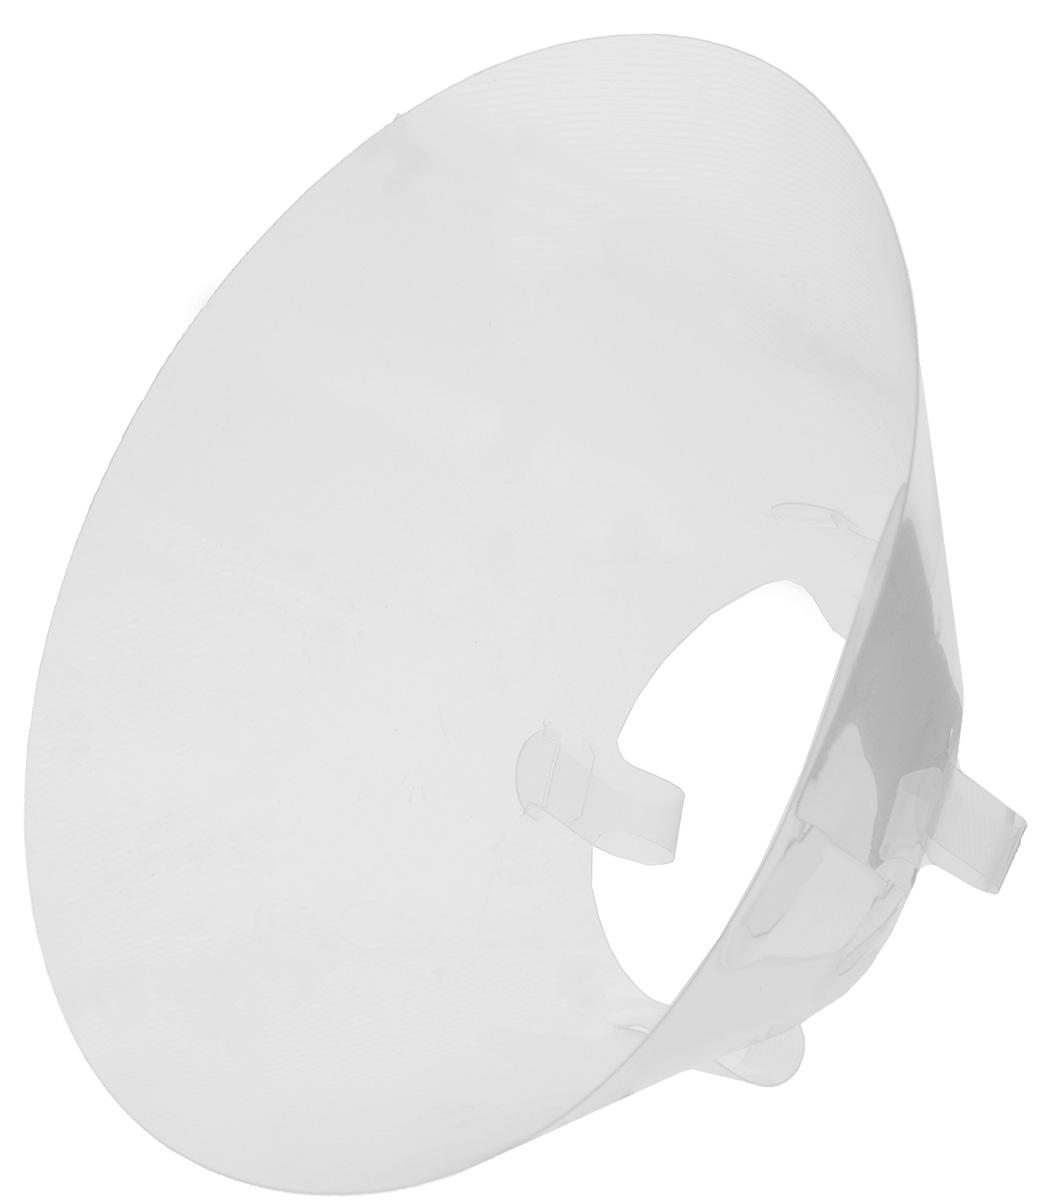 Воротник защитный Талисмед, обхват шеи 24-29 см0120710Защитный воротник Талисмед изготовлен из высококачественного нетоксичного пластика, который позволяет сохранять углы обзора для животного. Изделие разработано для ограничения доступа собаки к заживающей ране или послеоперационному шву. Простота в эксплуатации позволяет хозяевам самостоятельно одевать и снимать защитный воротник с собаки. Обхват шеи: 24-29 см.Высота воротника: 10 см.